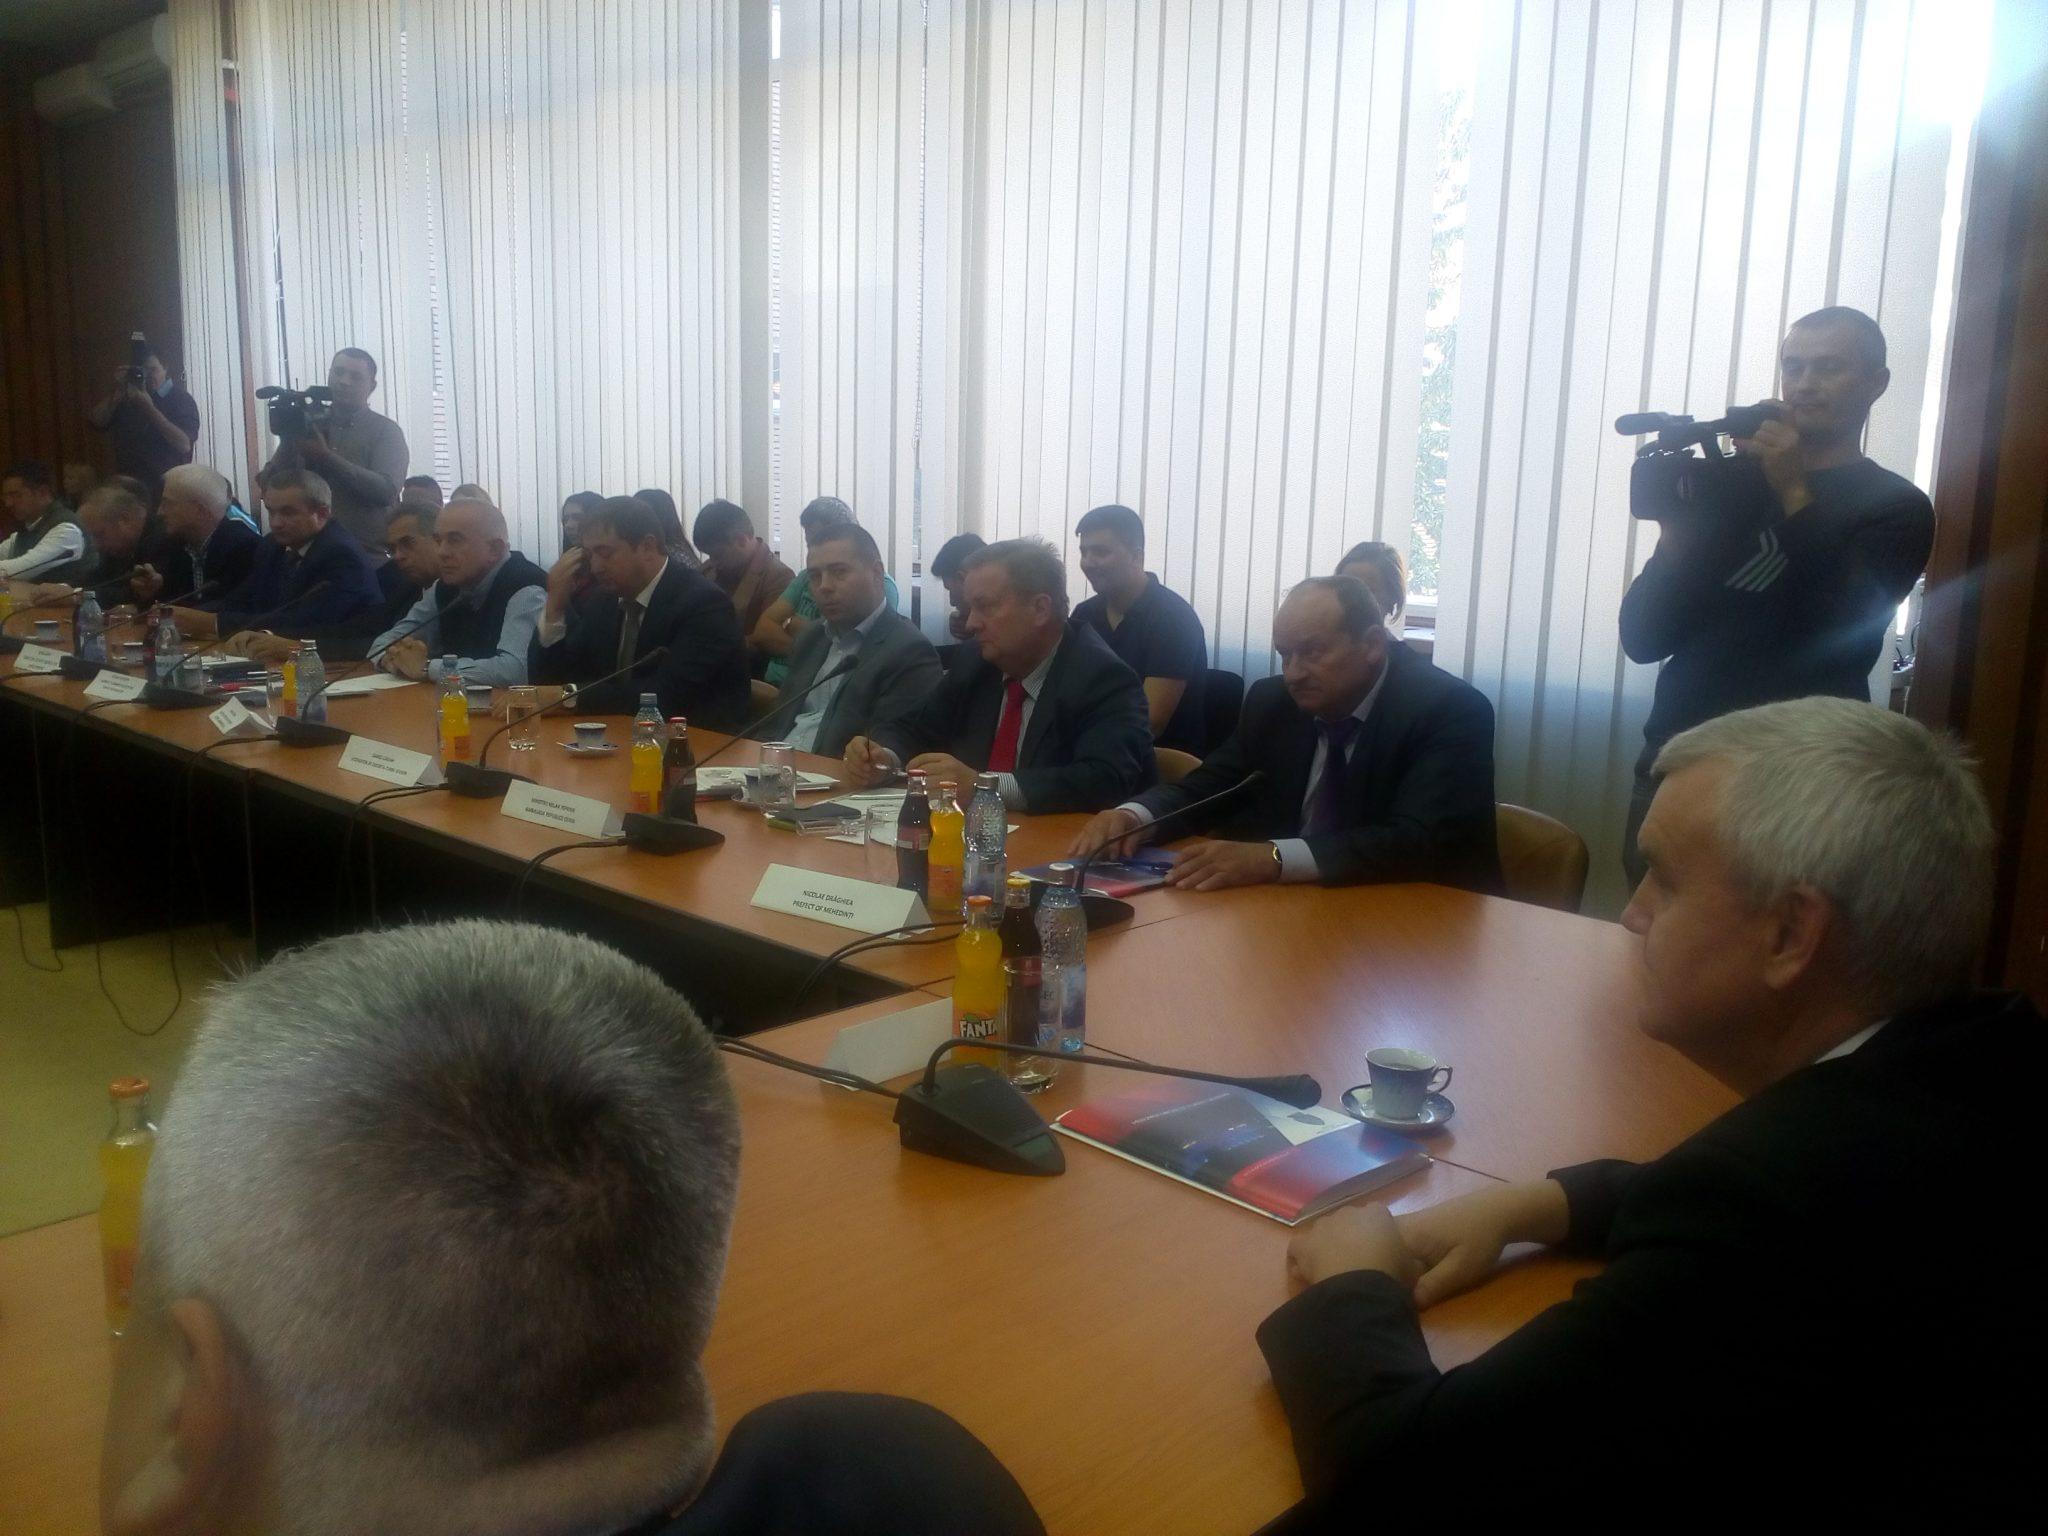 Mehedinți: Oficiali din Cehia, Polonia, Belarus și Tunisia caută oportunități de afaceri în județ